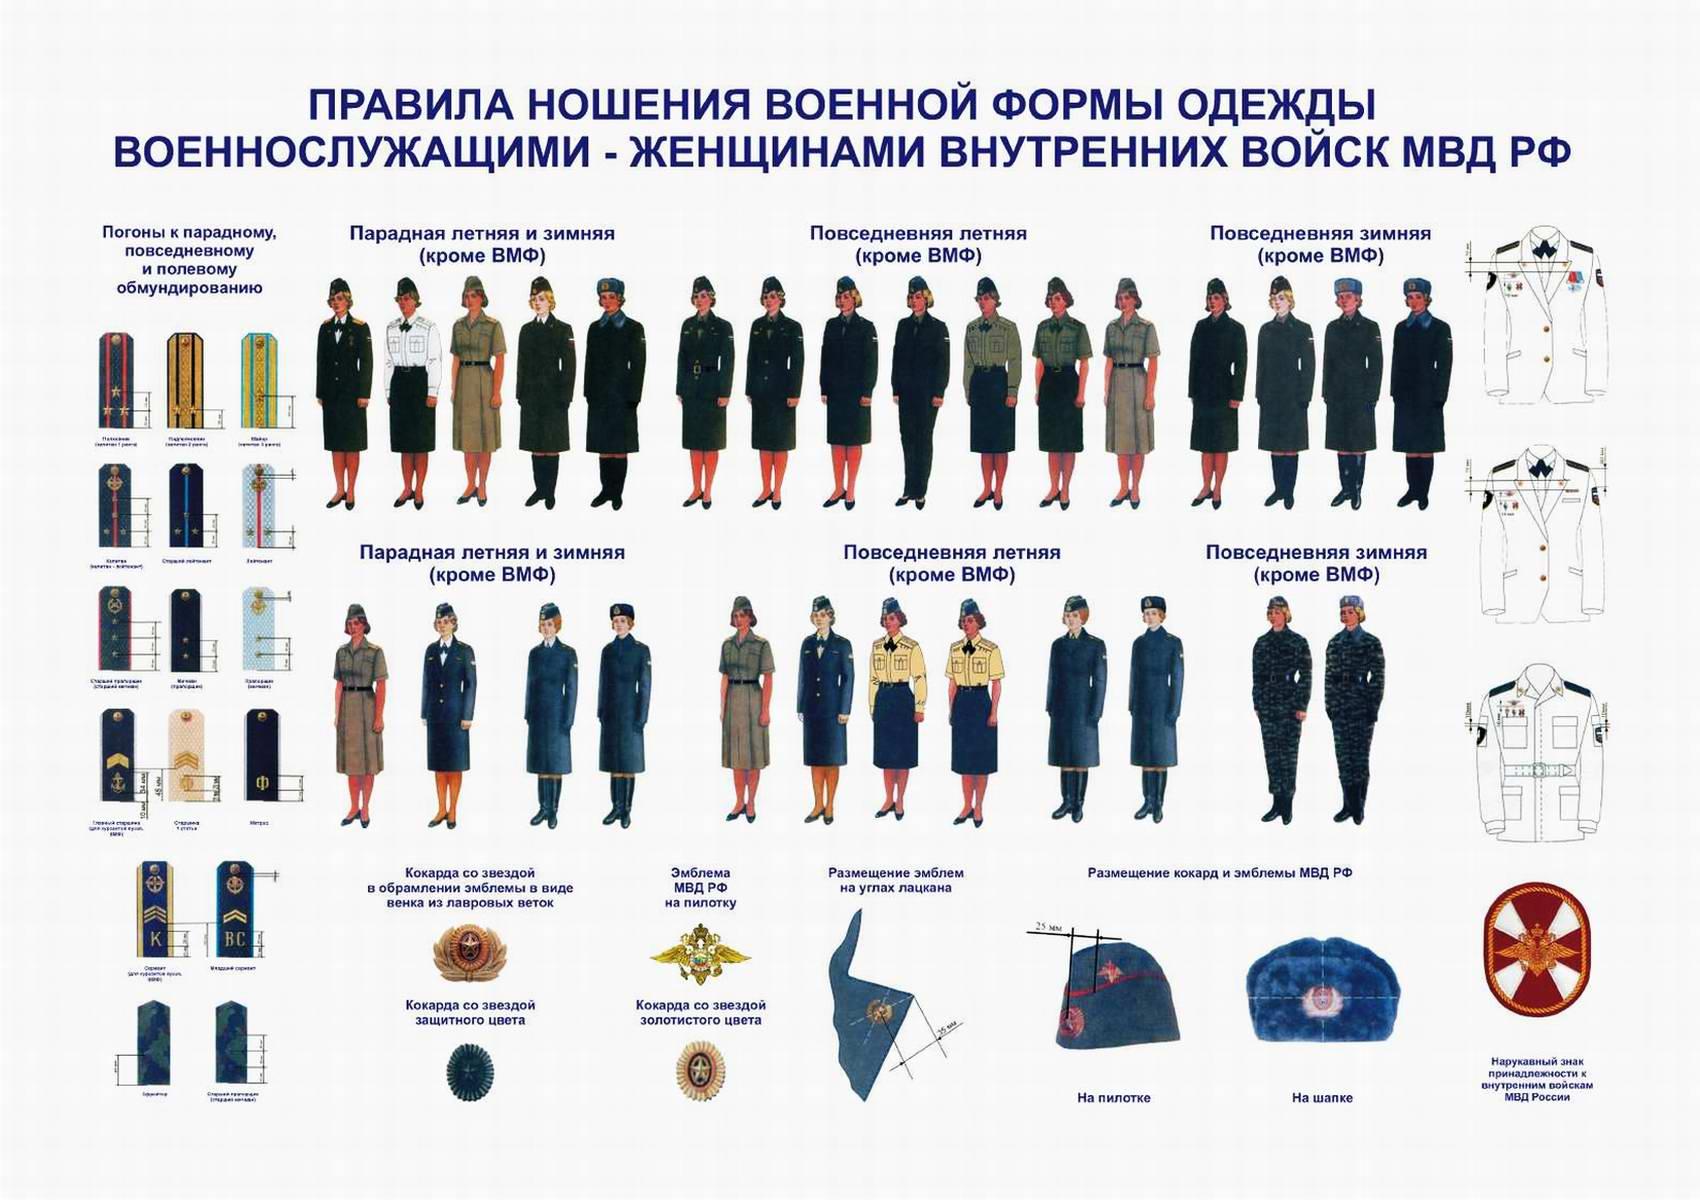 Правила ношения военной формы одежды